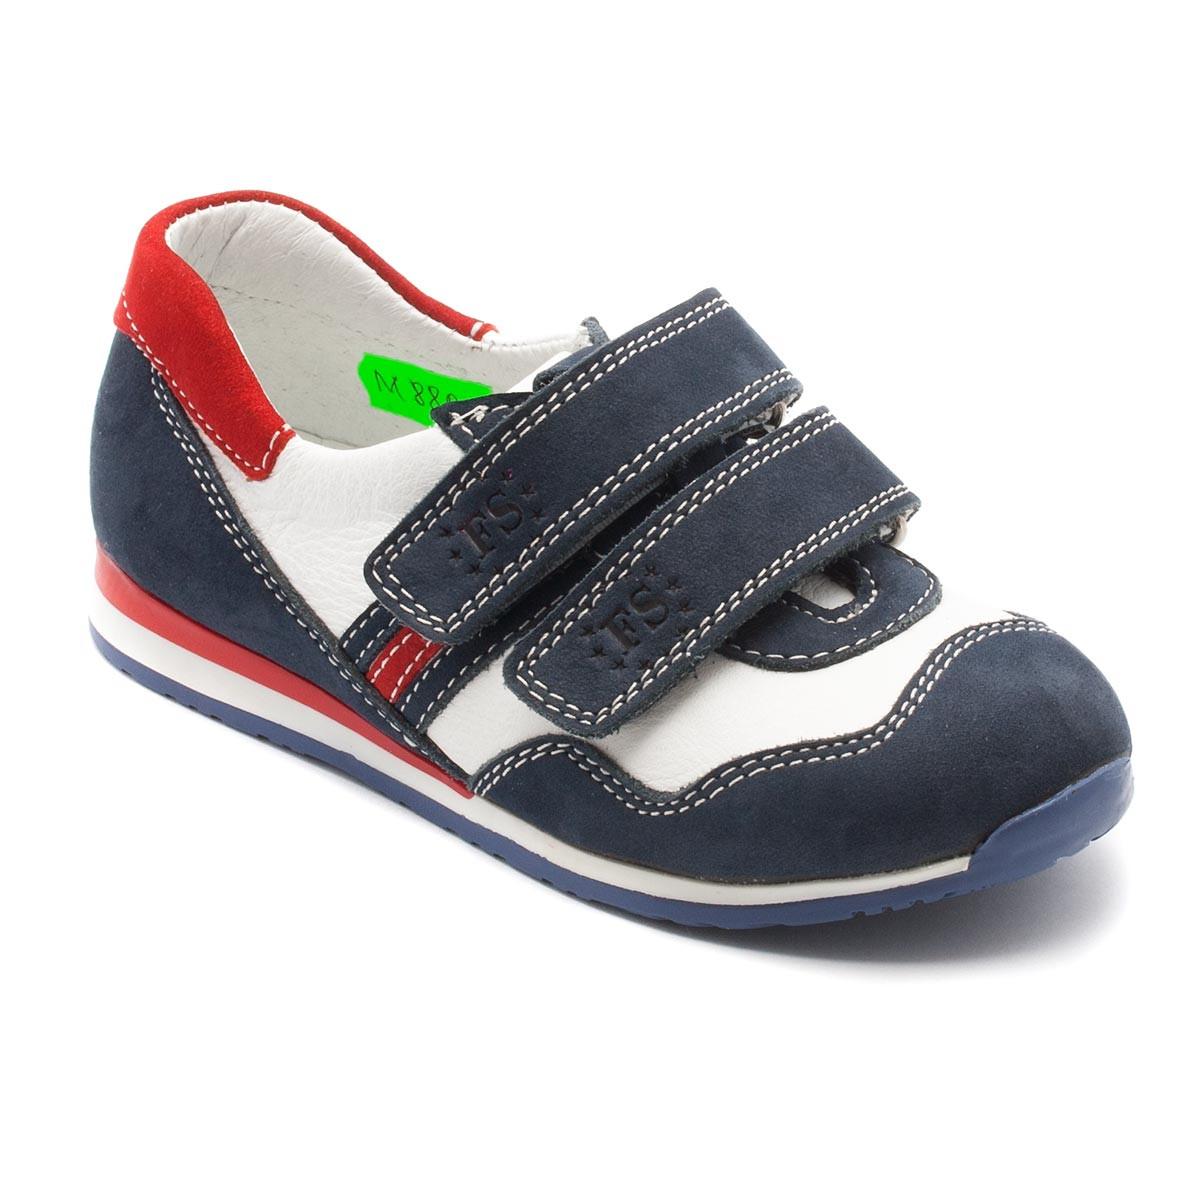 Весенние кроссовки FS Сollection для мальчиков, на липучках, размер 20-30